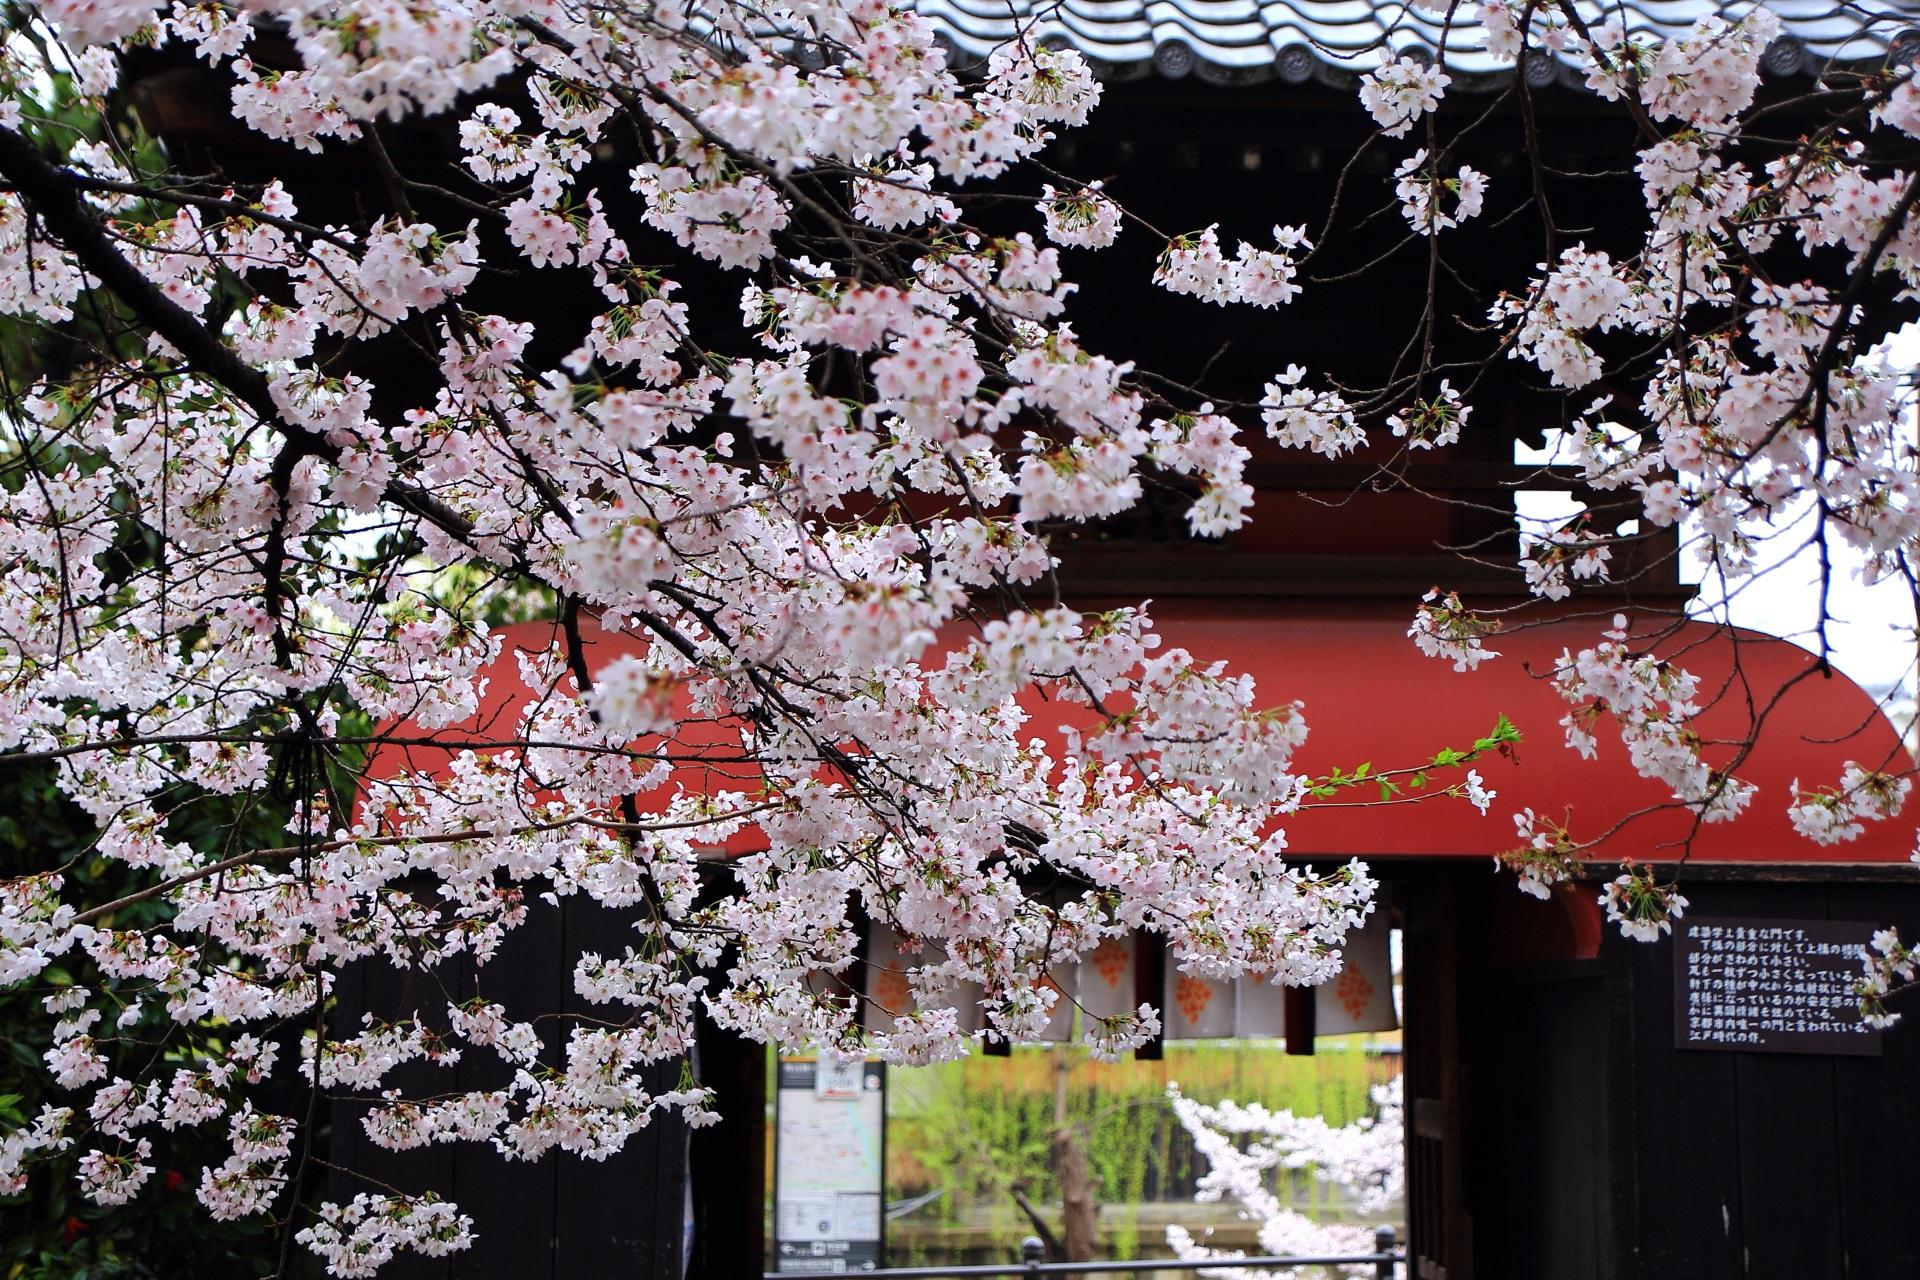 境内から眺めた龍宮門と桜